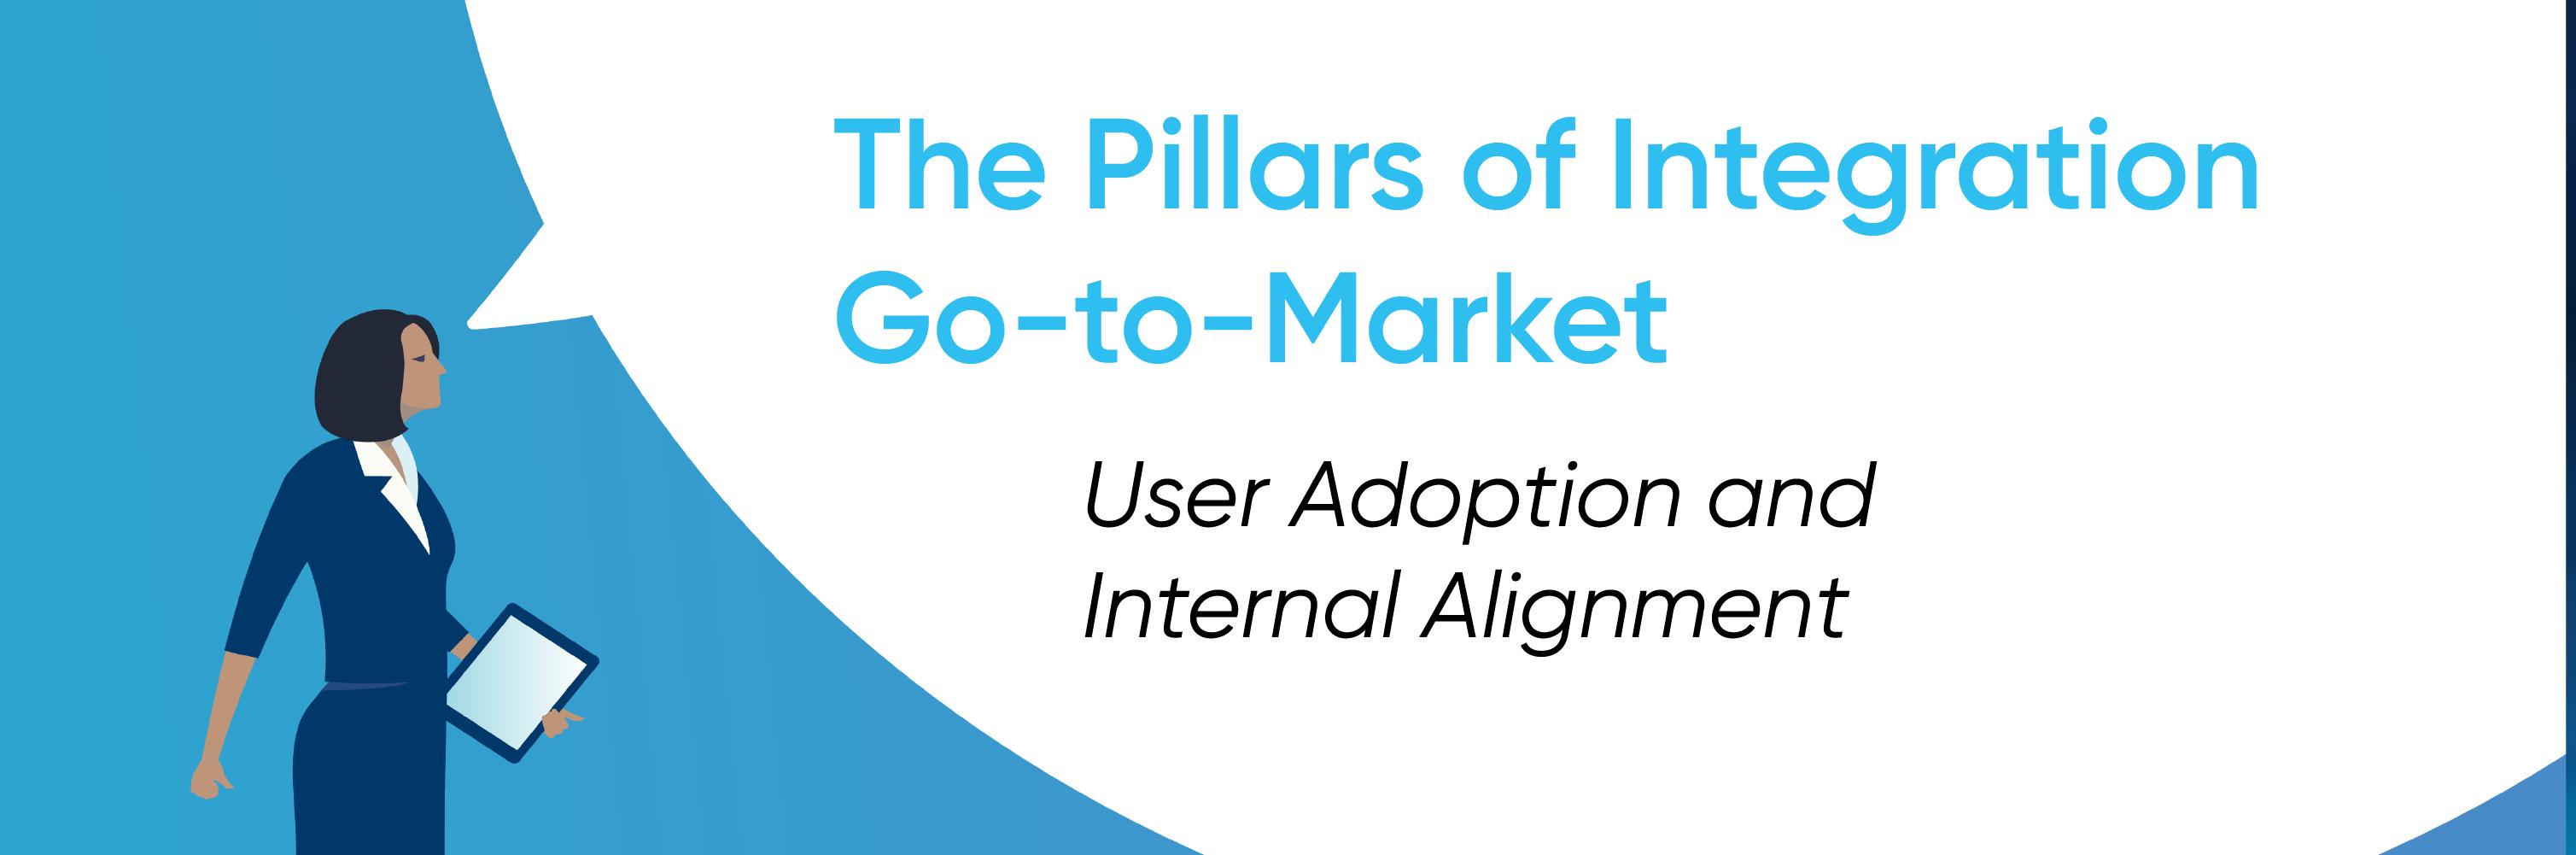 API integration user adoption